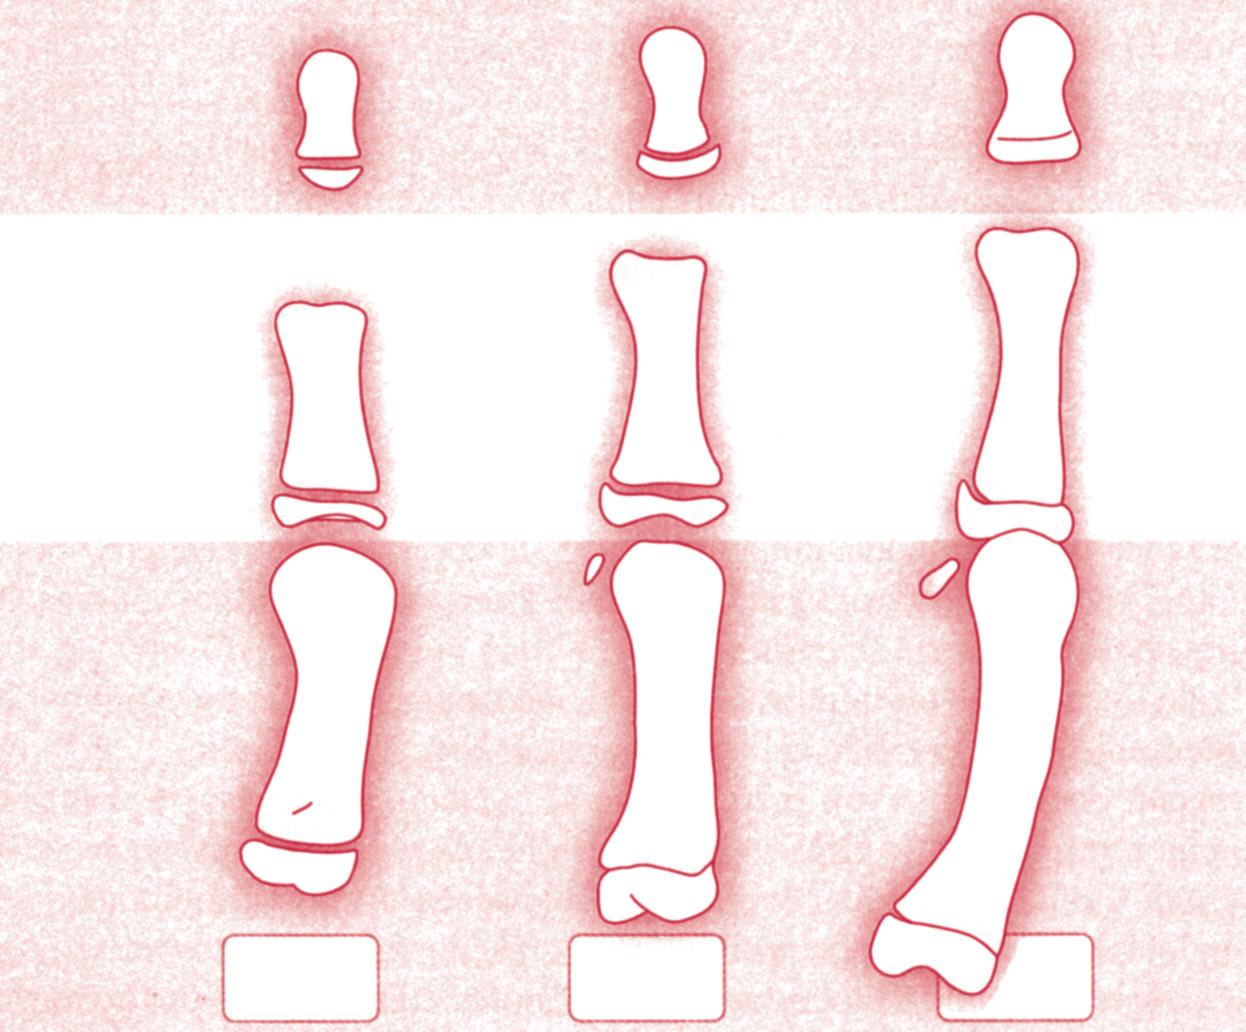 Kostní maturace ve vztahu k růstovému spurtu: distální falanga třetího prstu DPh3, proximální falanga prvního prstu PPh1, první metakarp MTC1. A – před spurtem, B – v době spurtu, C – při menarche.